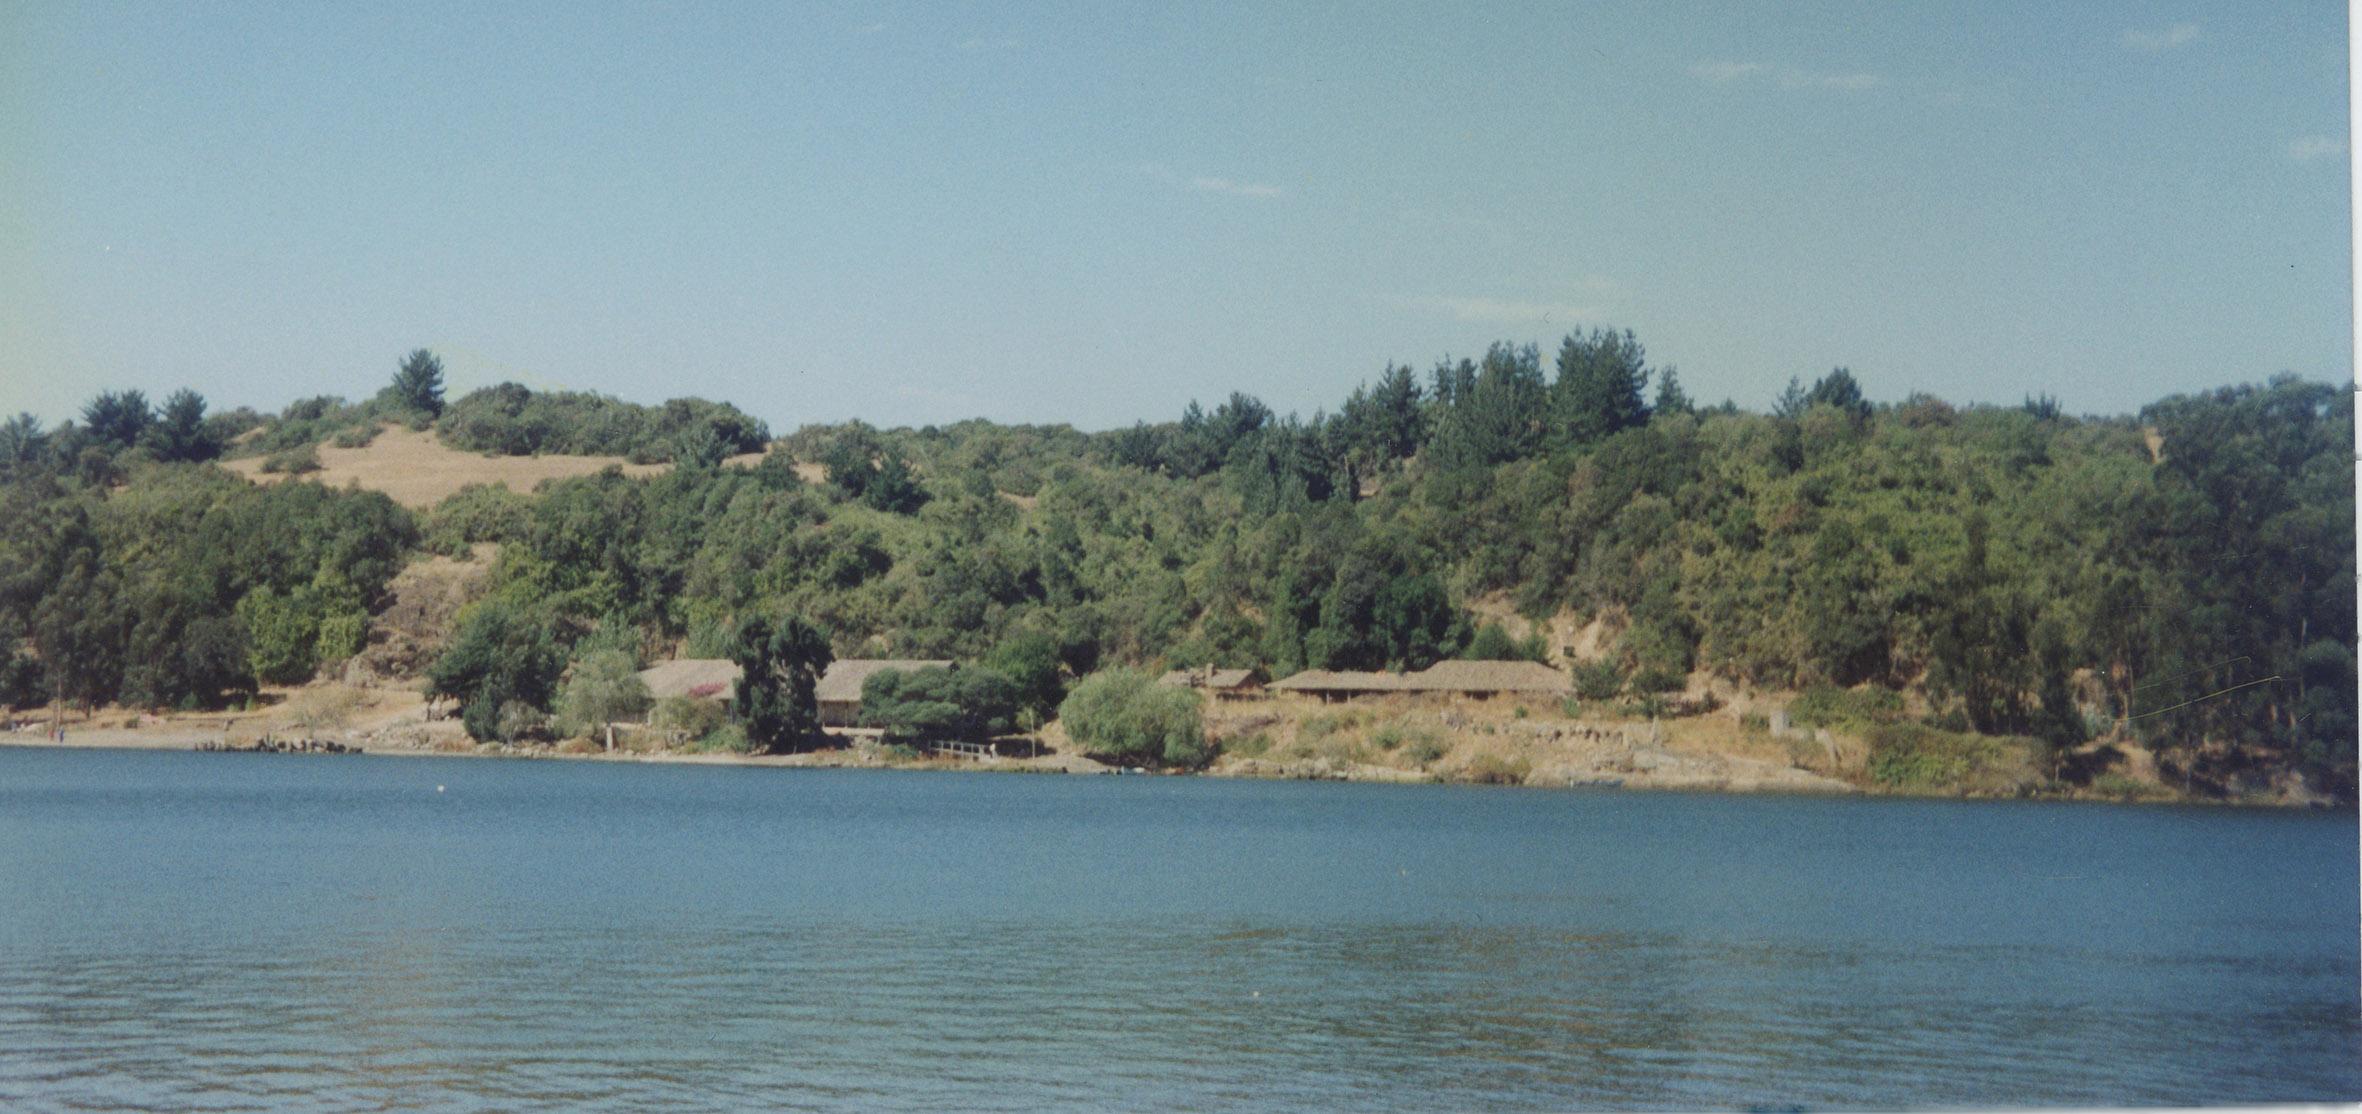 Enterreno - Fotos históricas de chile - fotos antiguas de Chile - Río Maule en los años 90